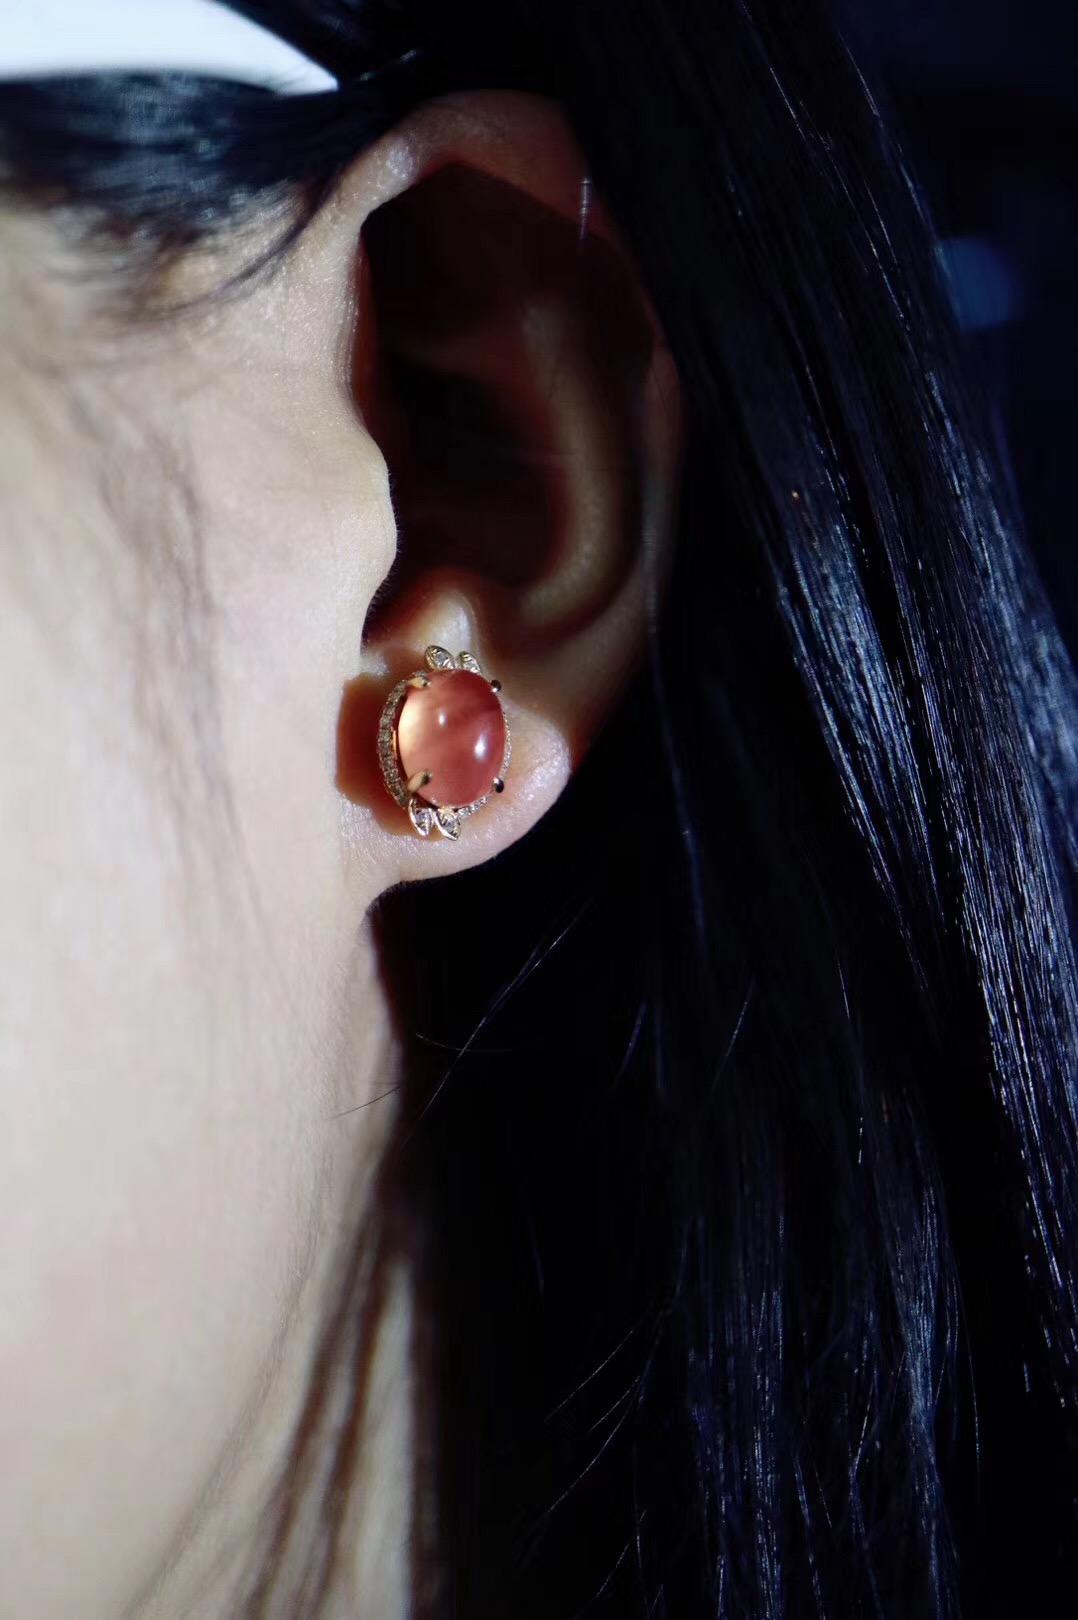 【冰种红纹石 | 18k 】让生活美的恰到好处~~-菩心晶舍